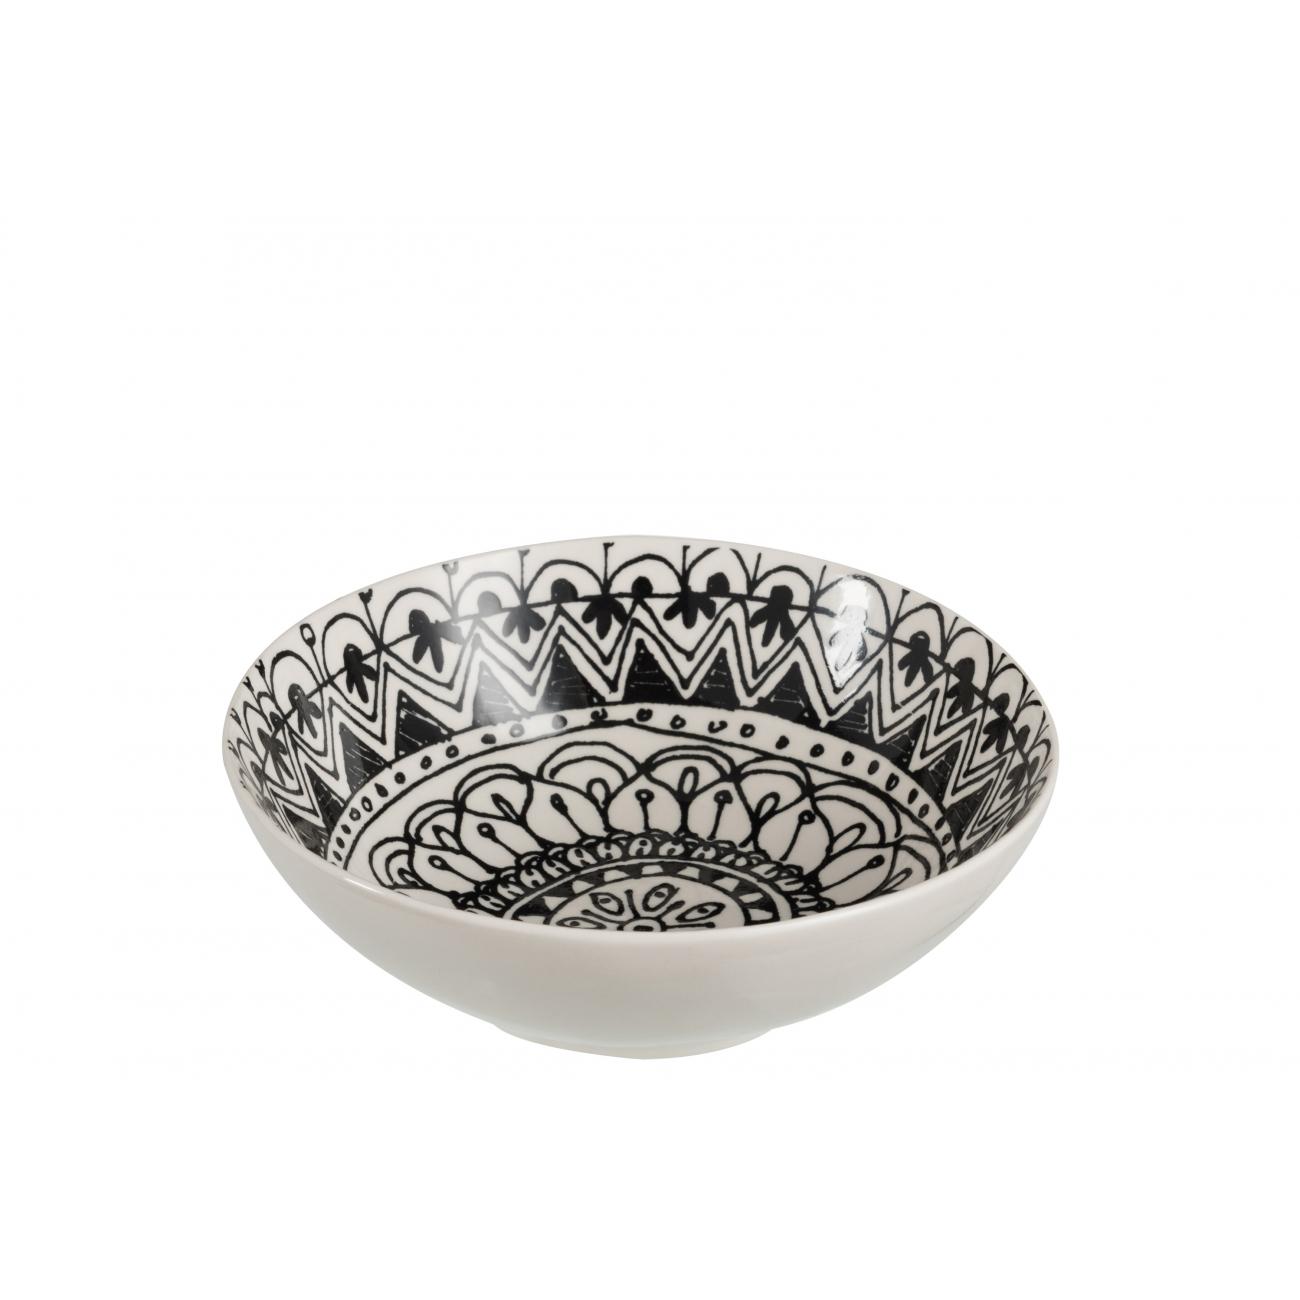 Пиала  J-LINE керамическая черно-белого цвета диаметр 18 см Бельгия